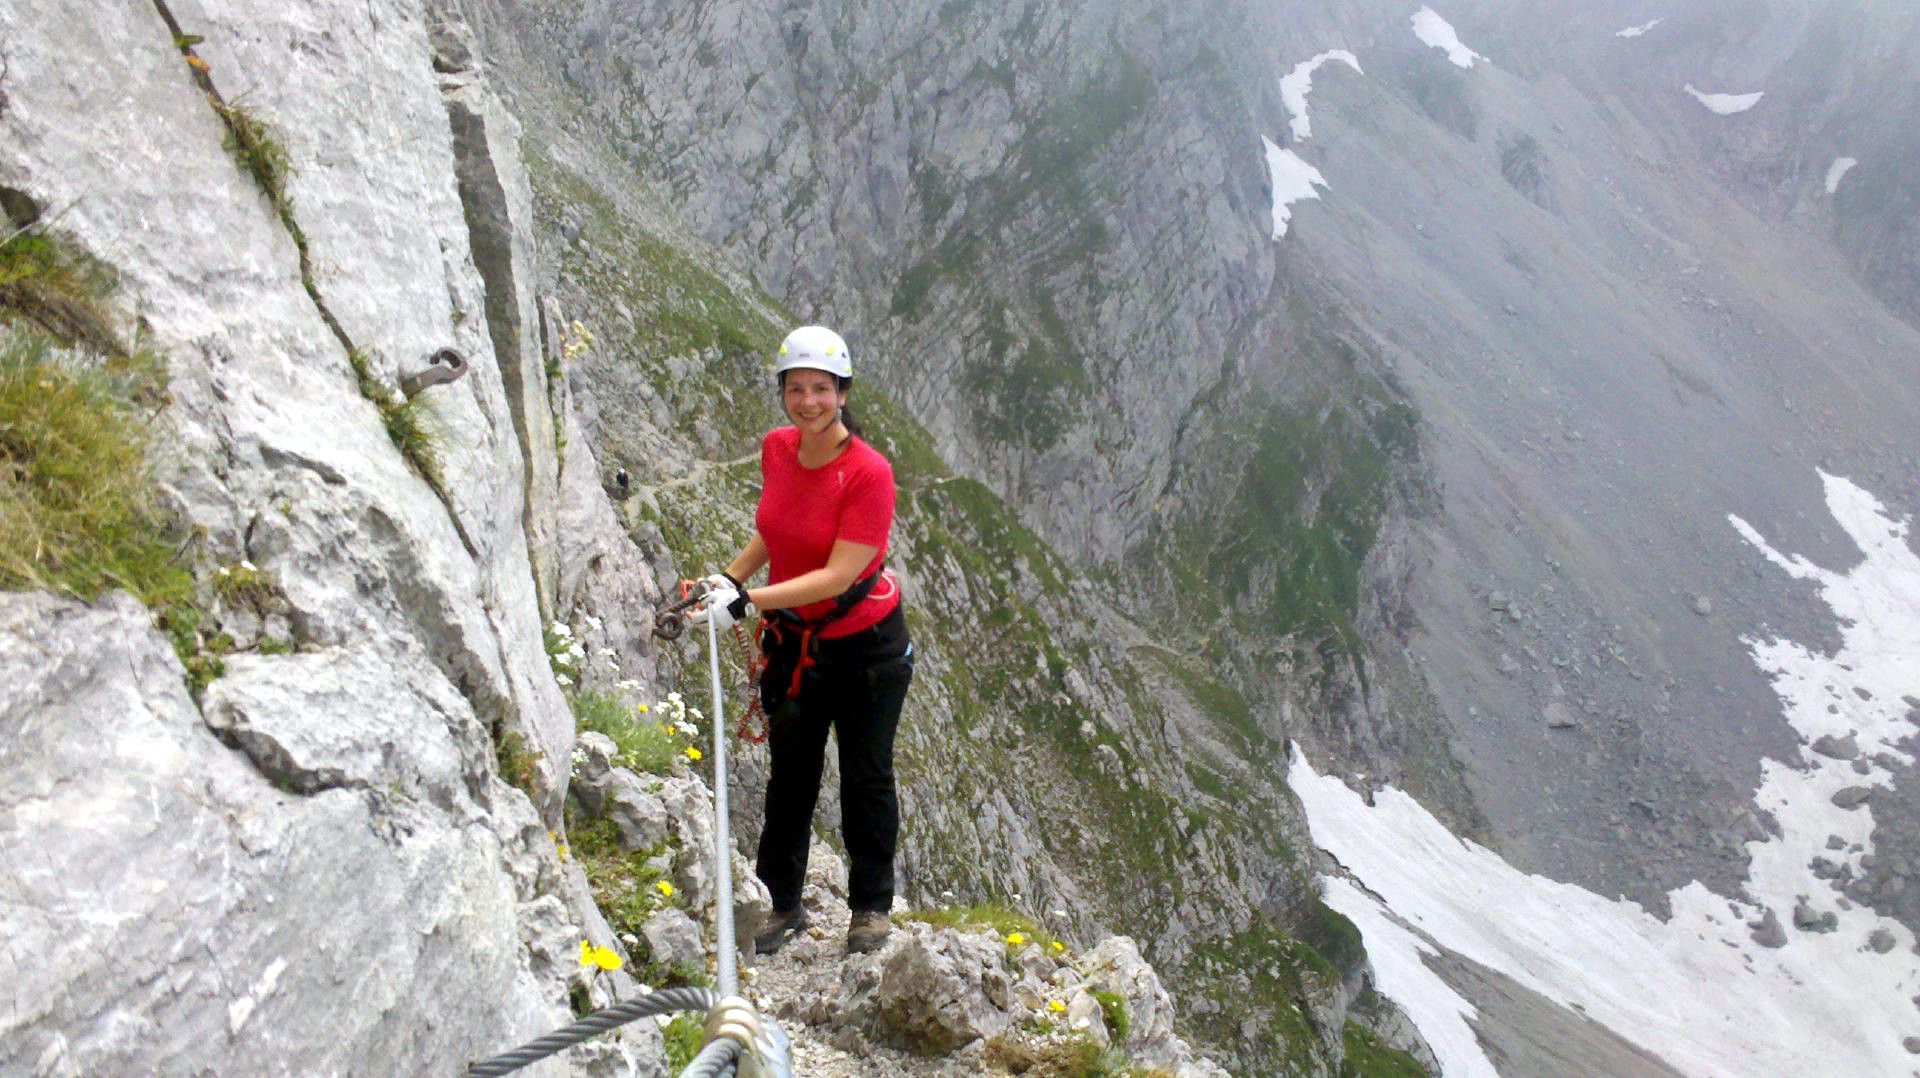 Klettersteig Ellmauer Halt : Ellmauer halt m butterfuchs